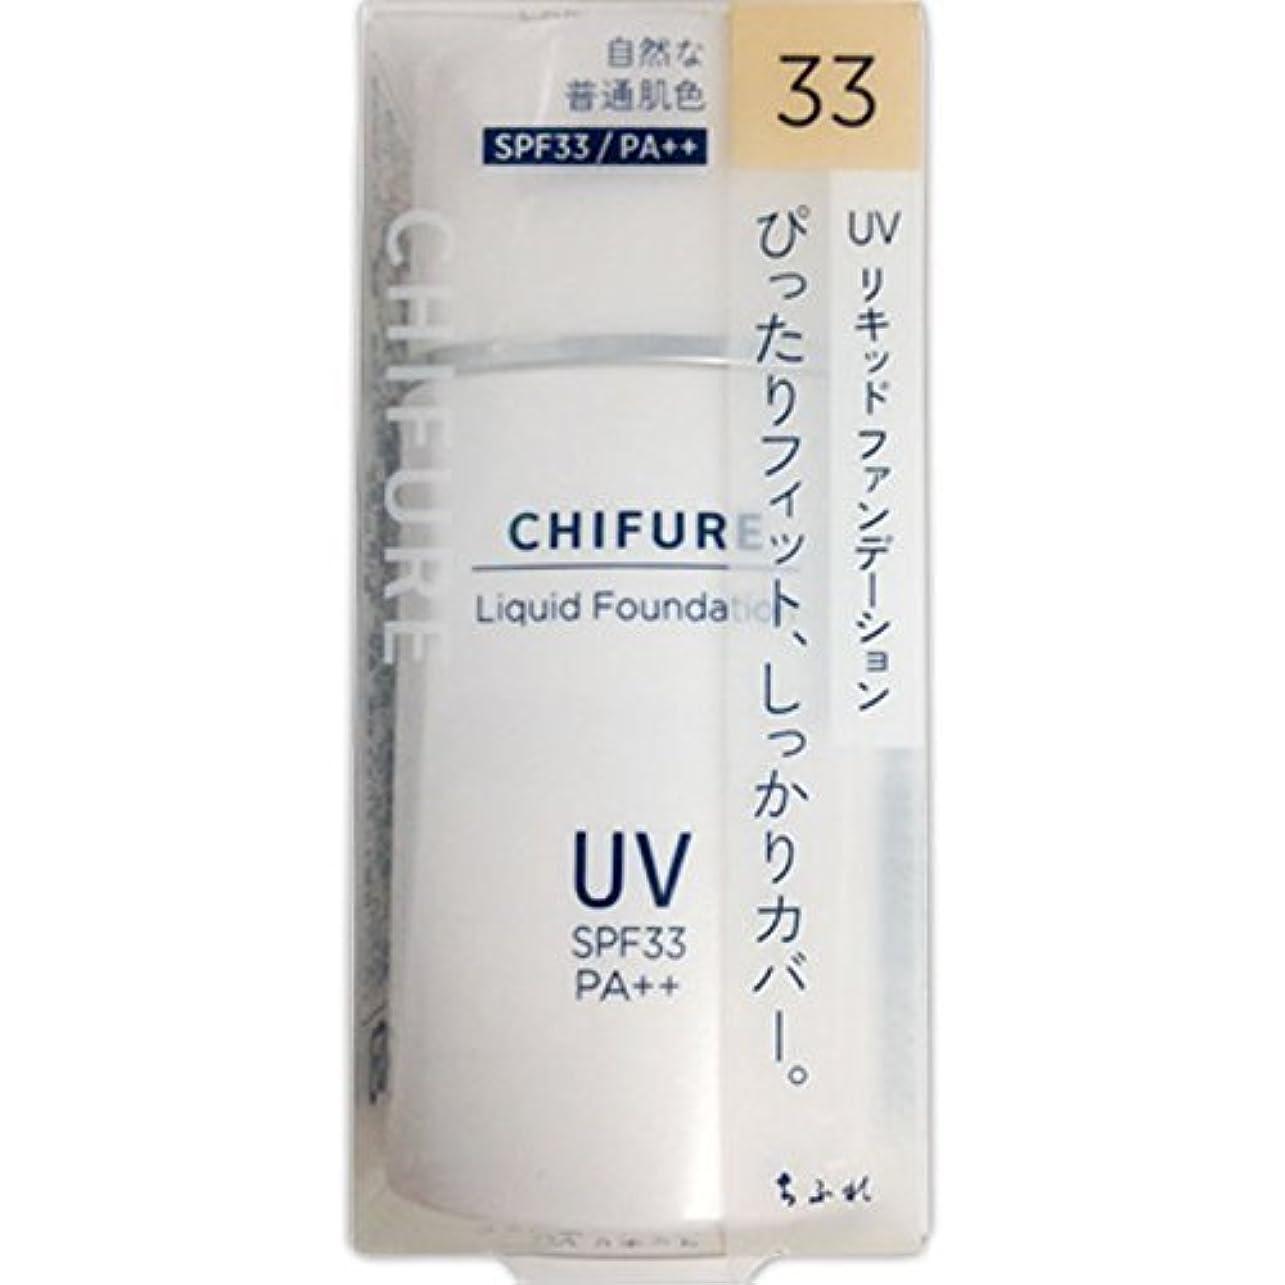 欲求不満永続悔い改めちふれ化粧品 UV リキッド ファンデーション 33 自然な普通肌色 30ML